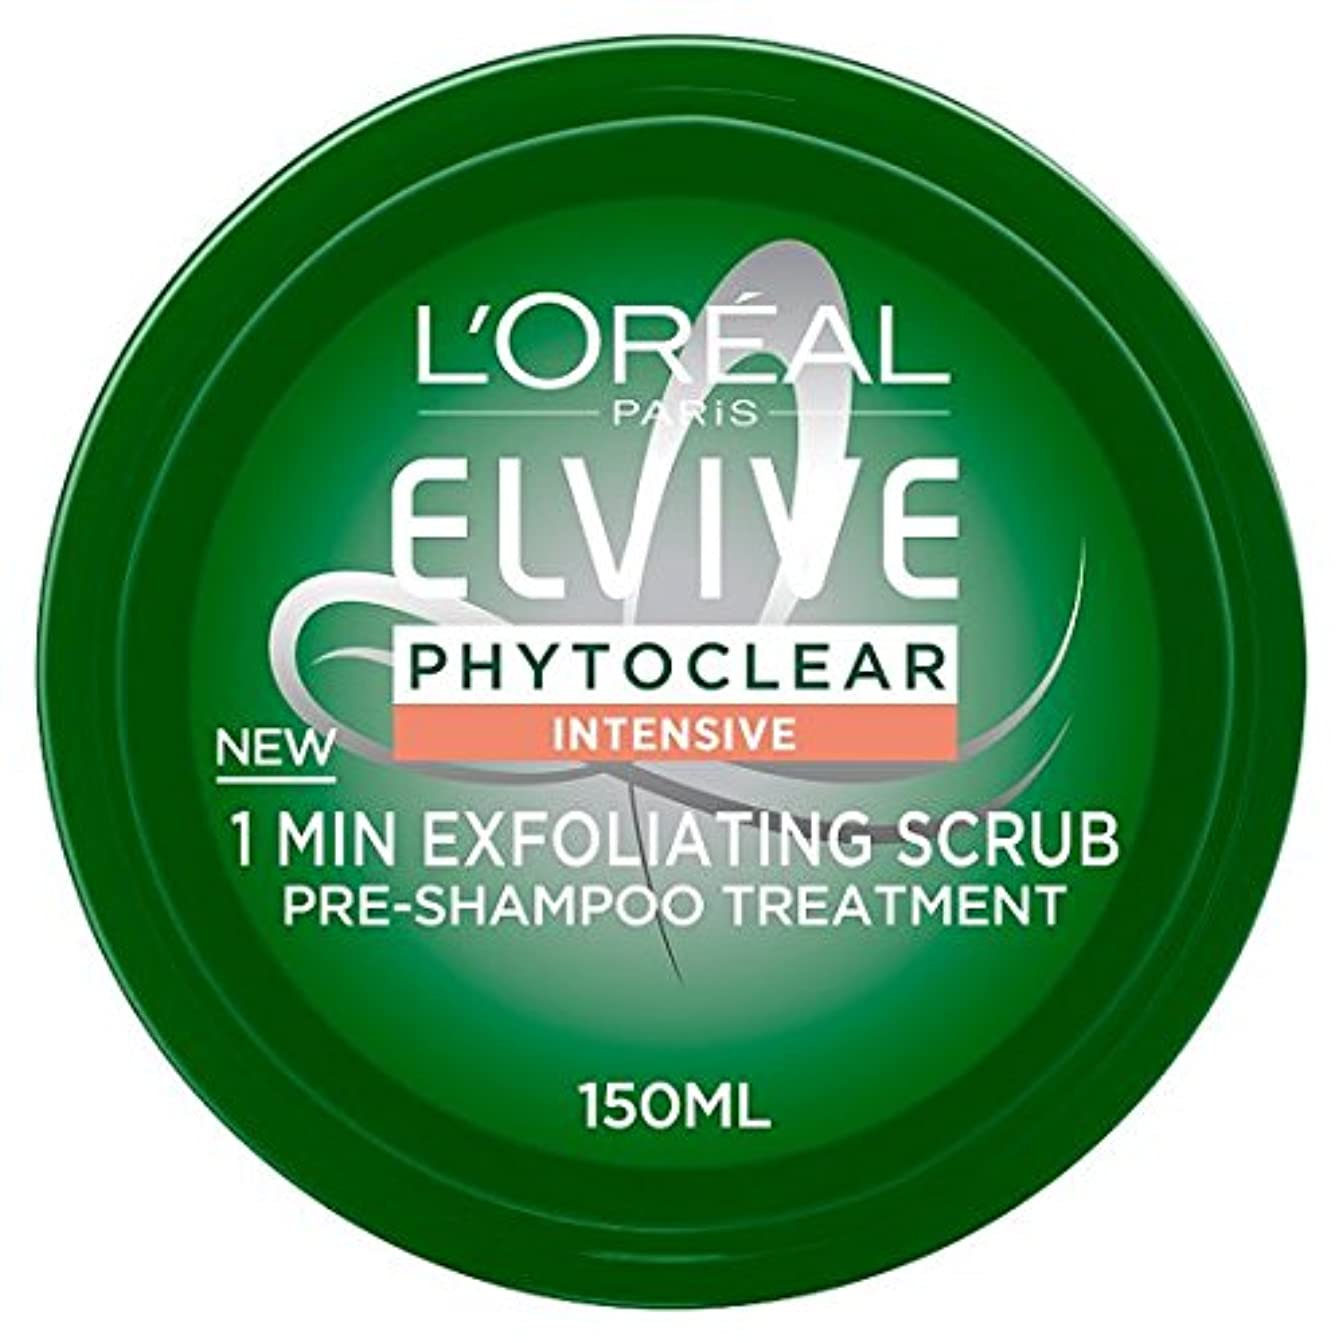 ピュー運動するハグL 'Oreal Elvive phytoclear Shampoo Scrub 150 ml